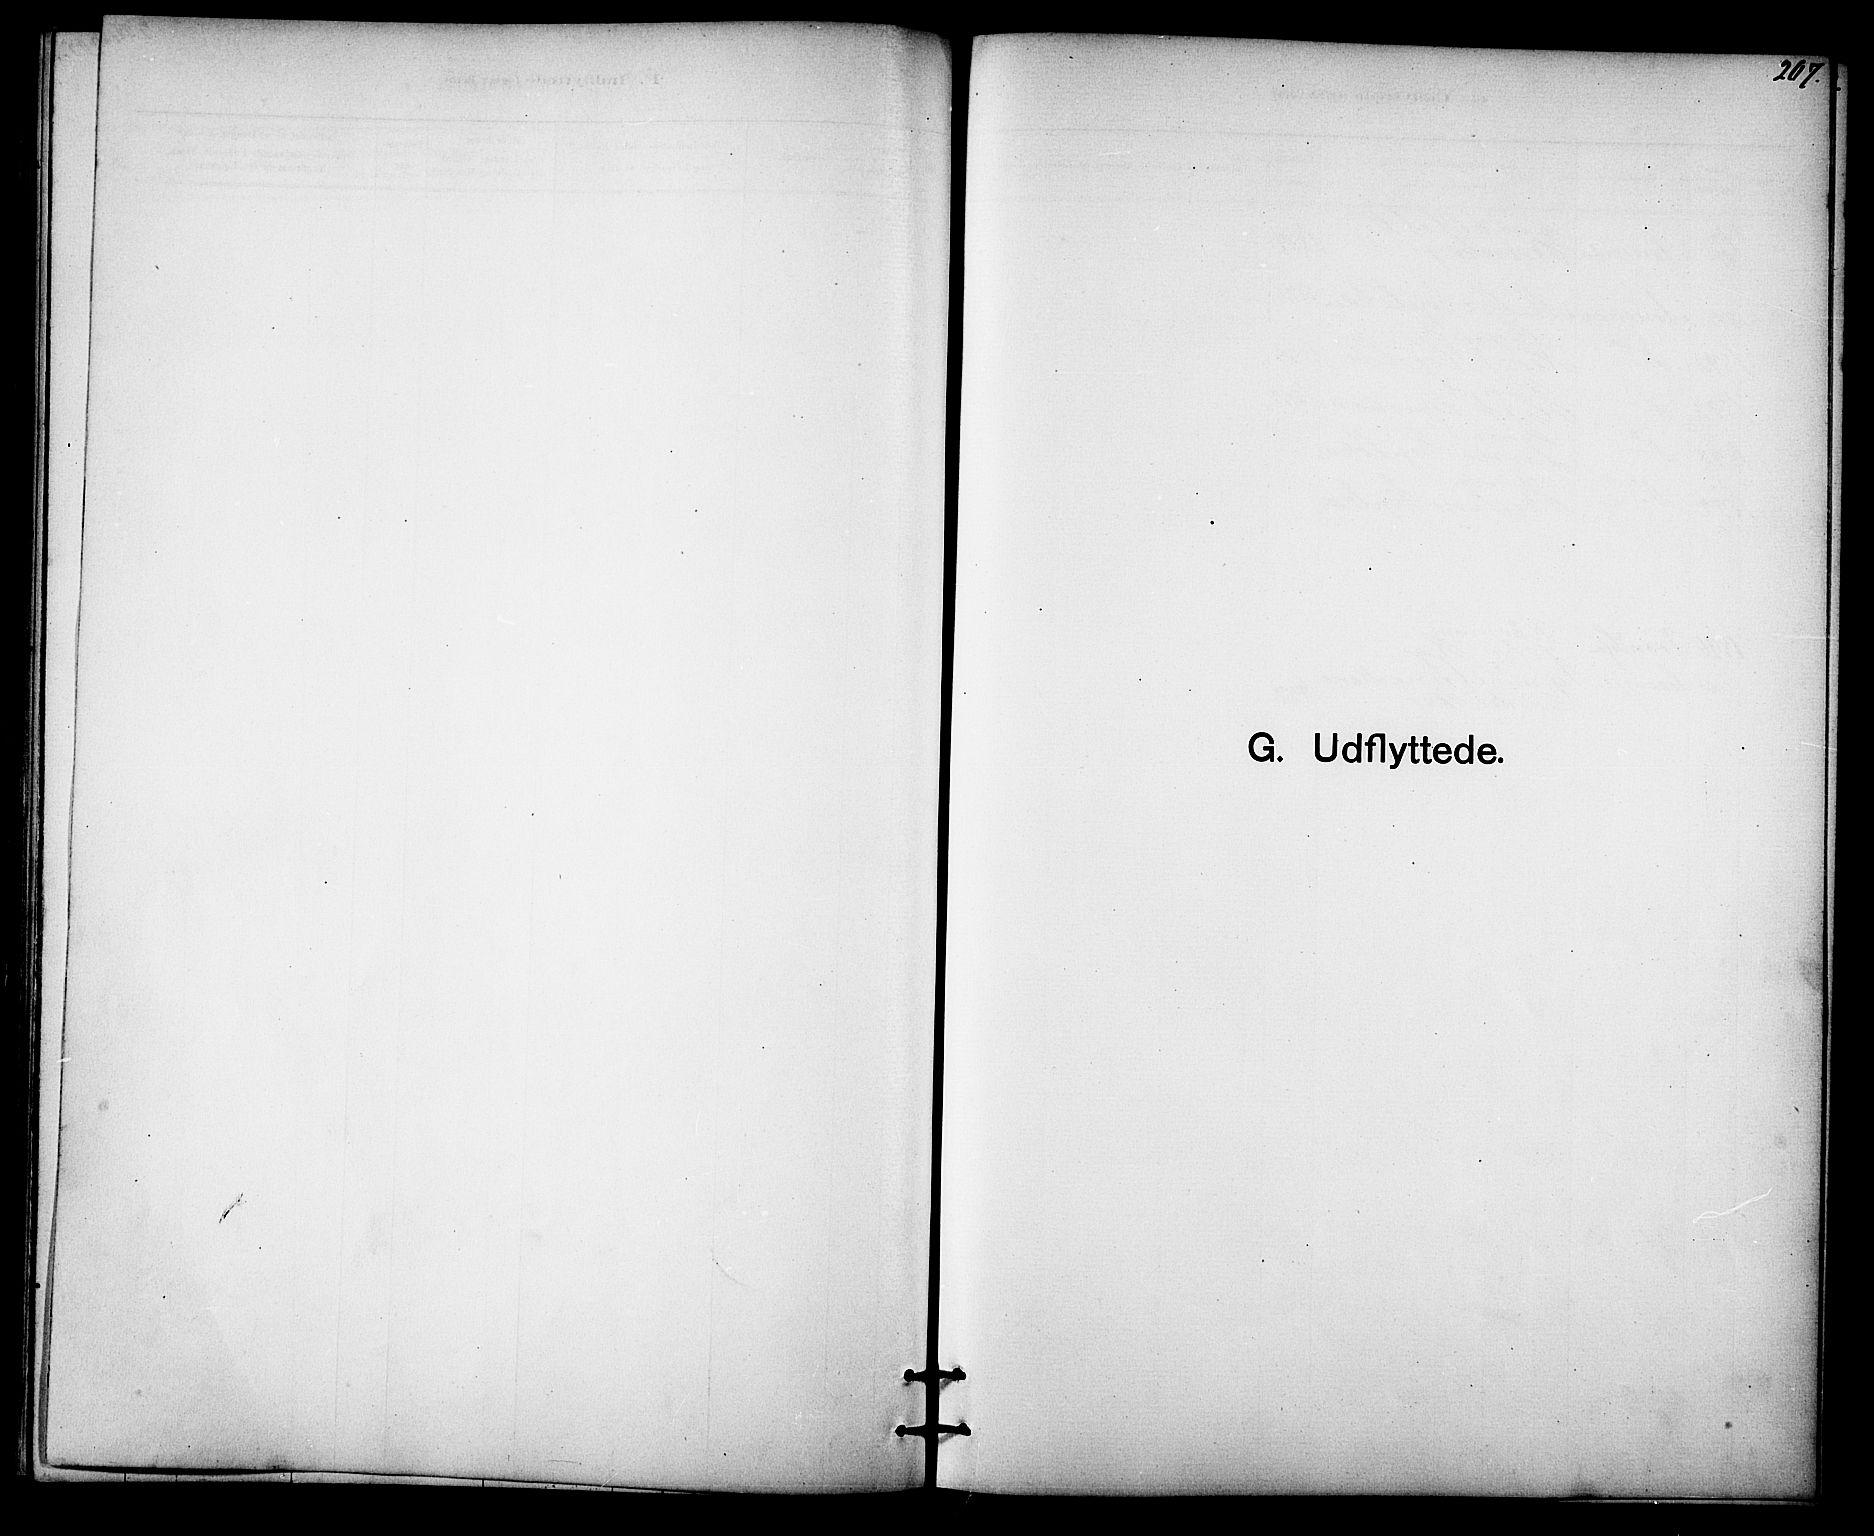 SAT, Ministerialprotokoller, klokkerbøker og fødselsregistre - Sør-Trøndelag, 613/L0395: Klokkerbok nr. 613C03, 1887-1909, s. 207